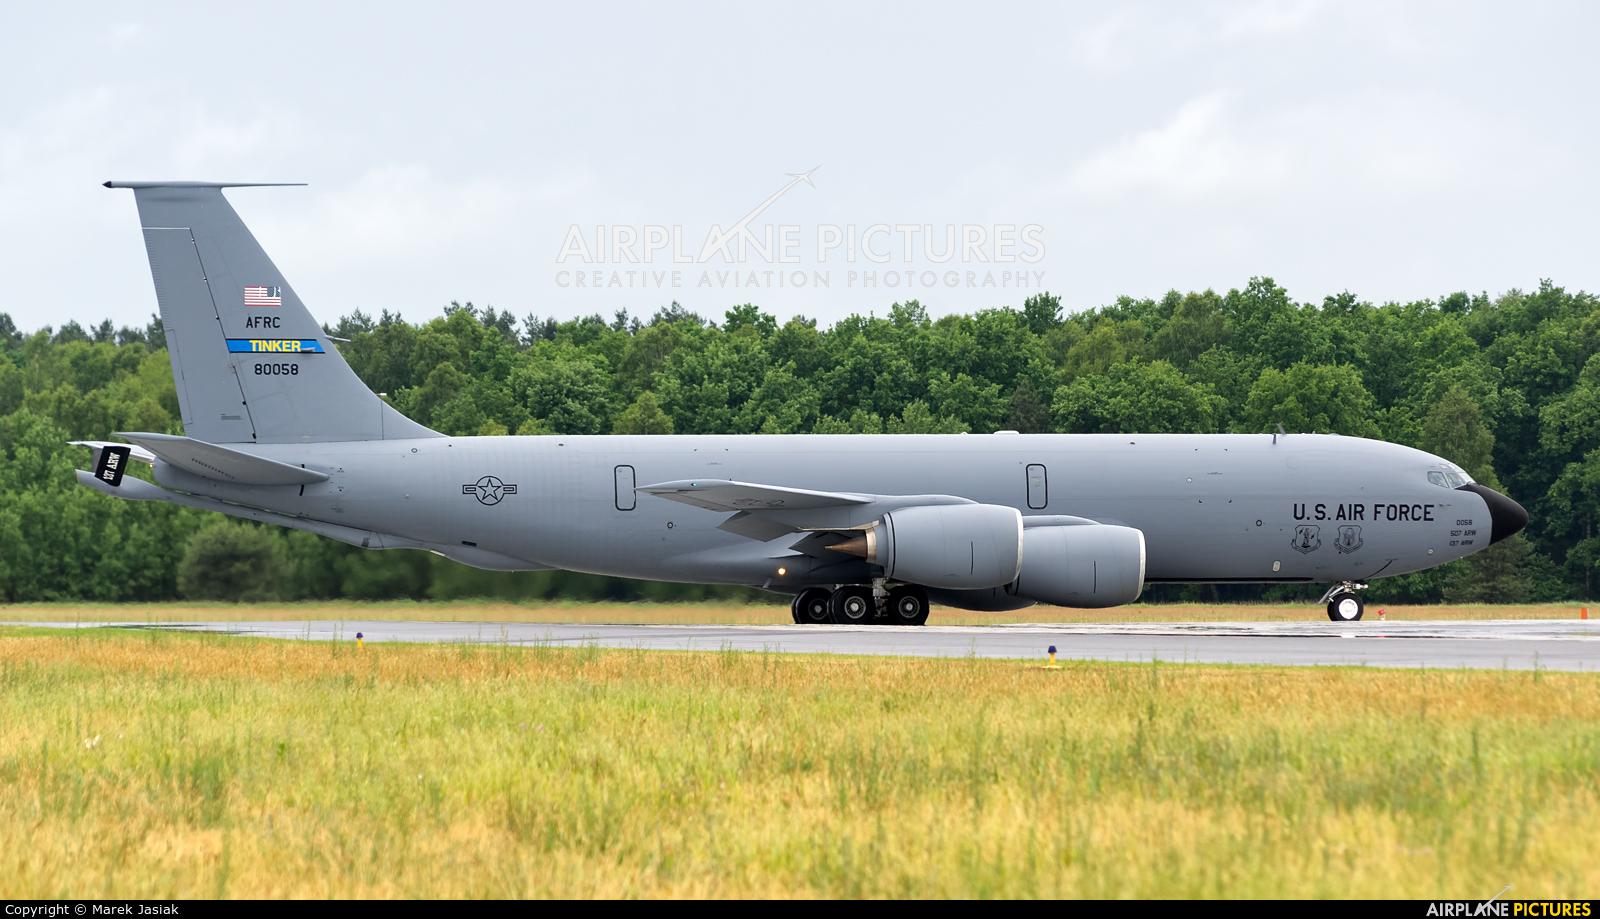 USA - Air Force 58-0058 aircraft at Powidz